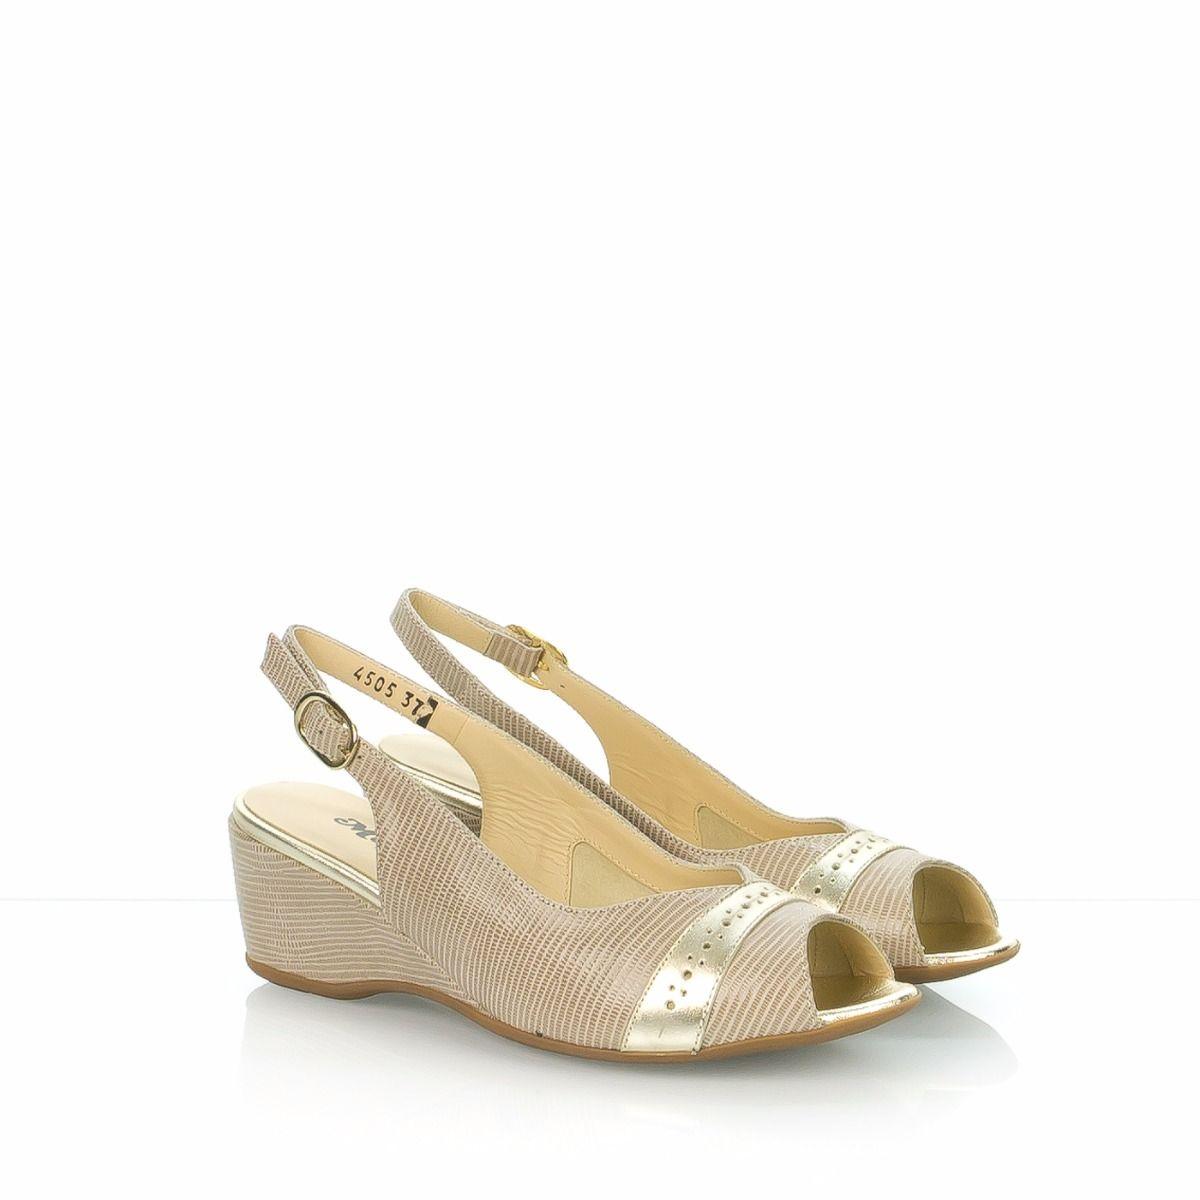 Sandalo Stampato Beige G072v Melluso Donna R3A4j5L